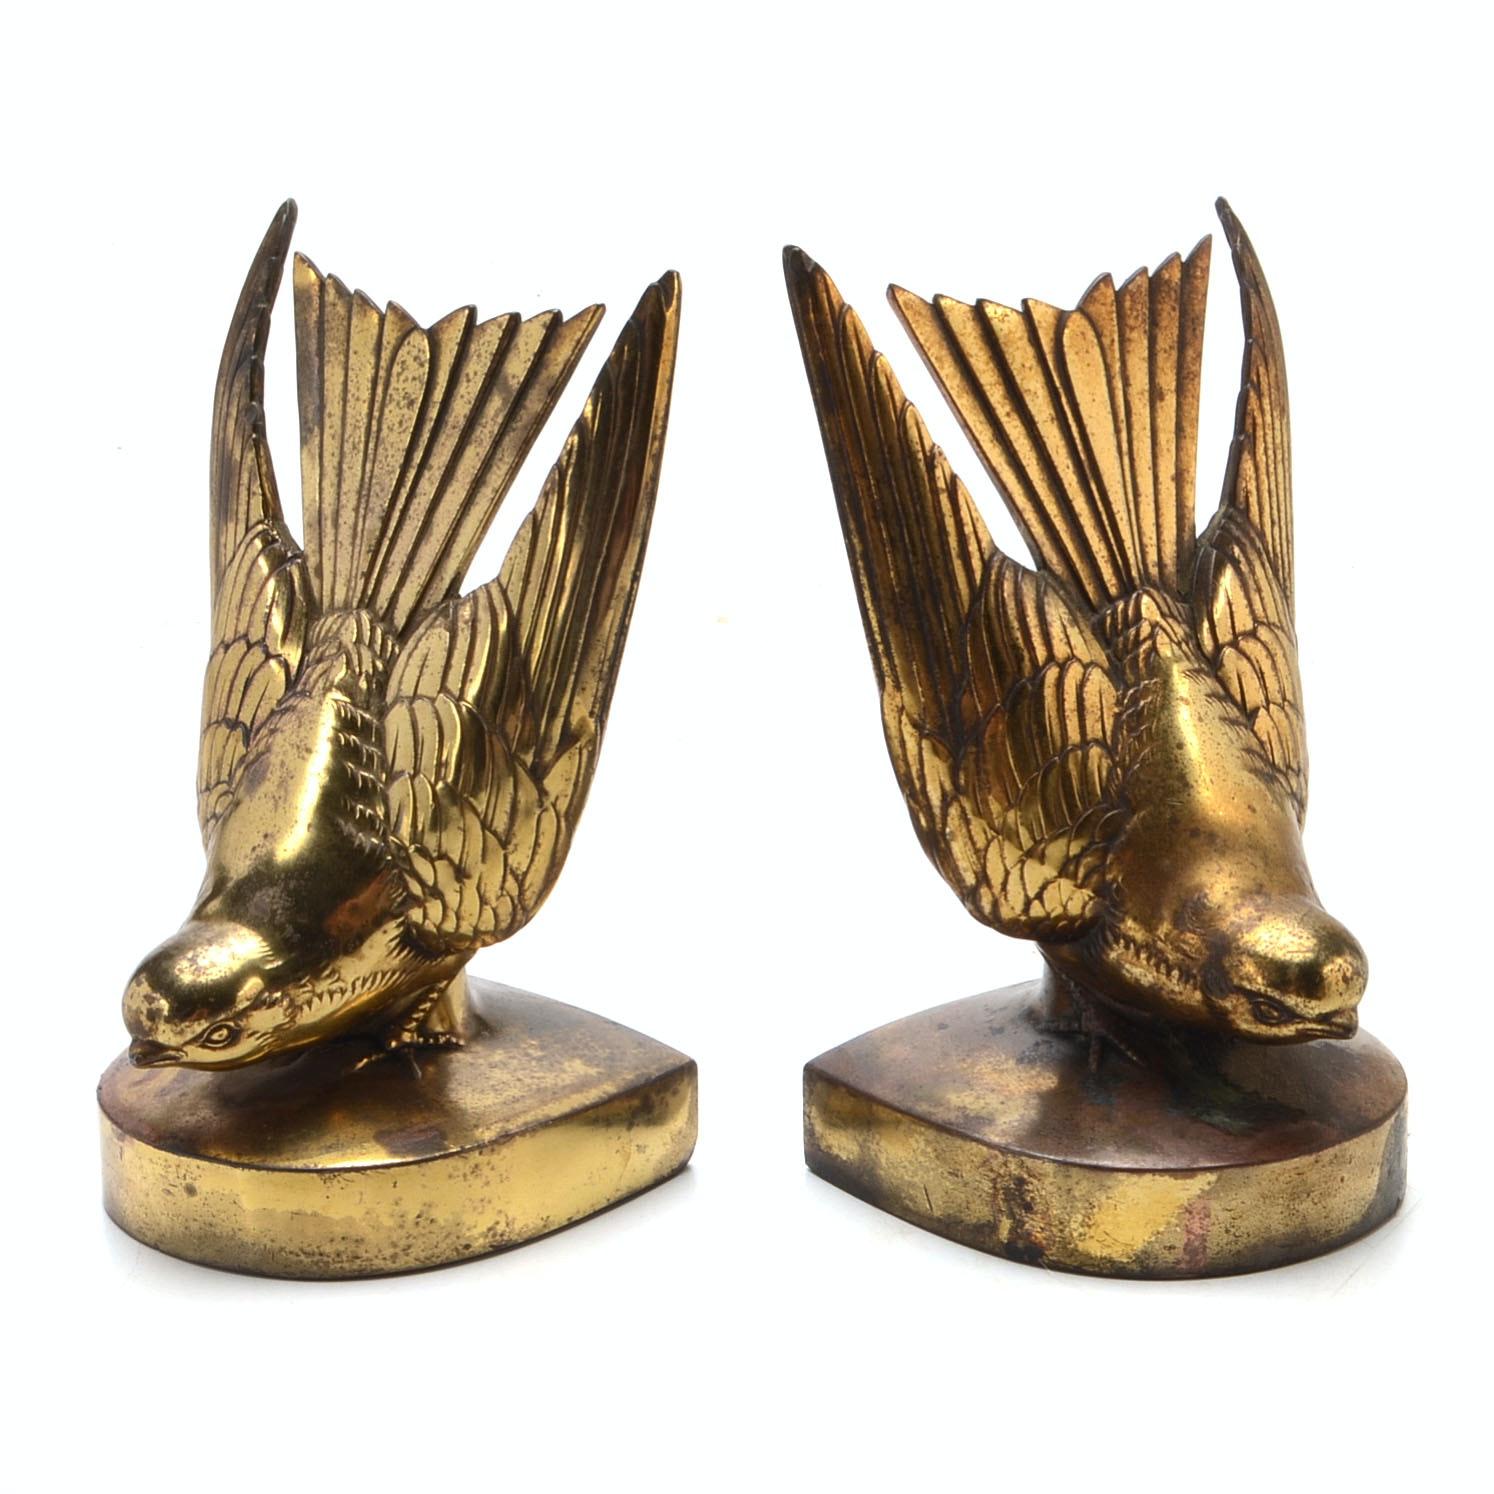 Pair of Brass Figural Bird Bookends